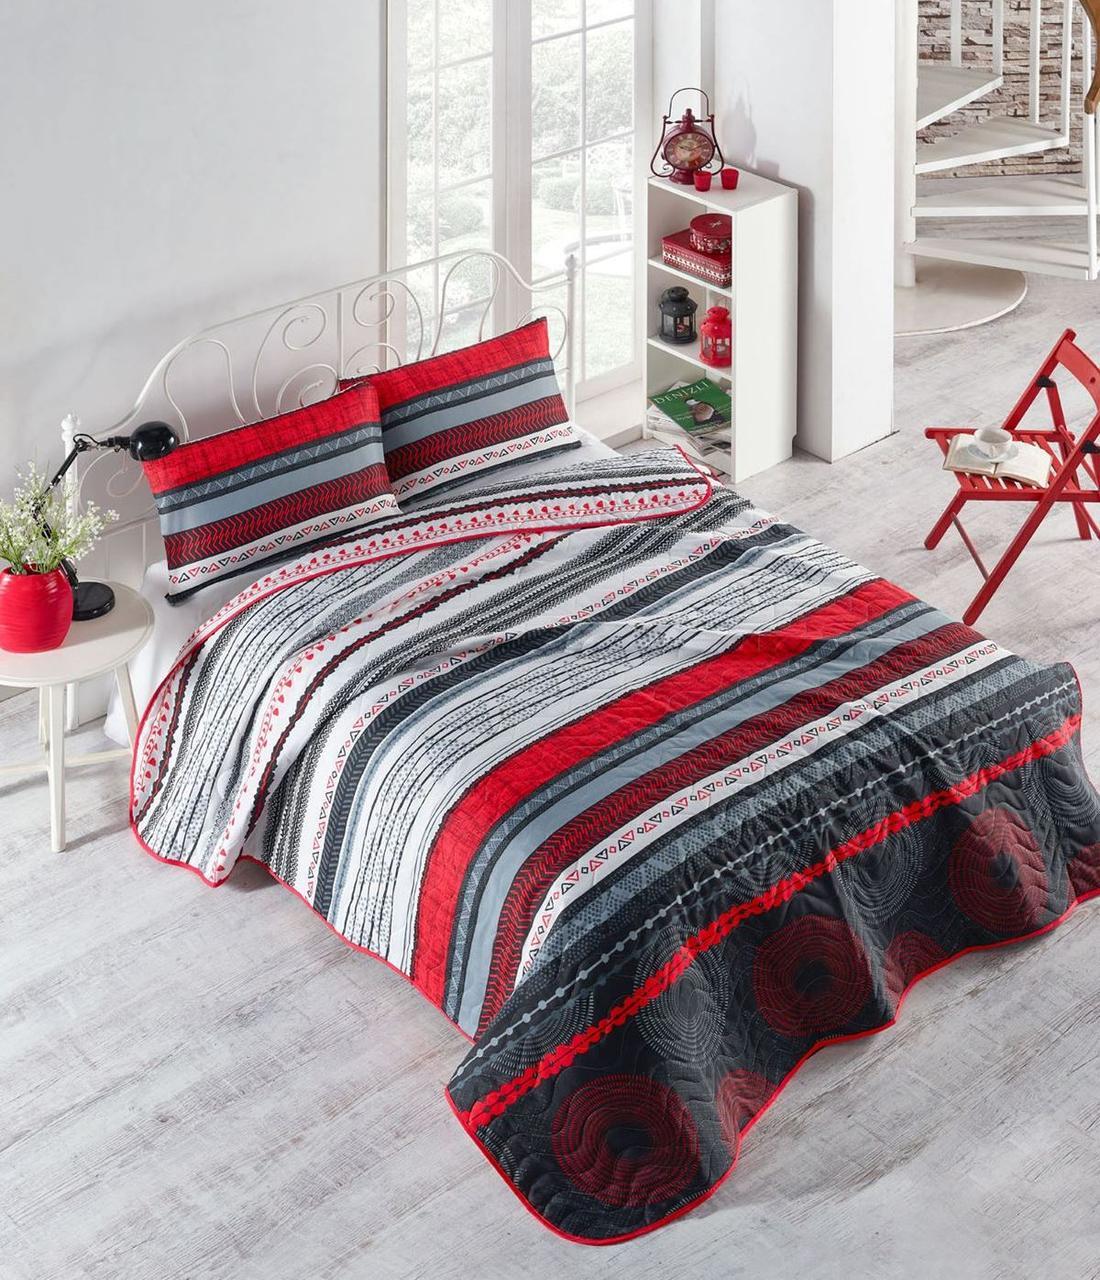 Покривало+наволочки 200х220 Efried червоний Eponj Home